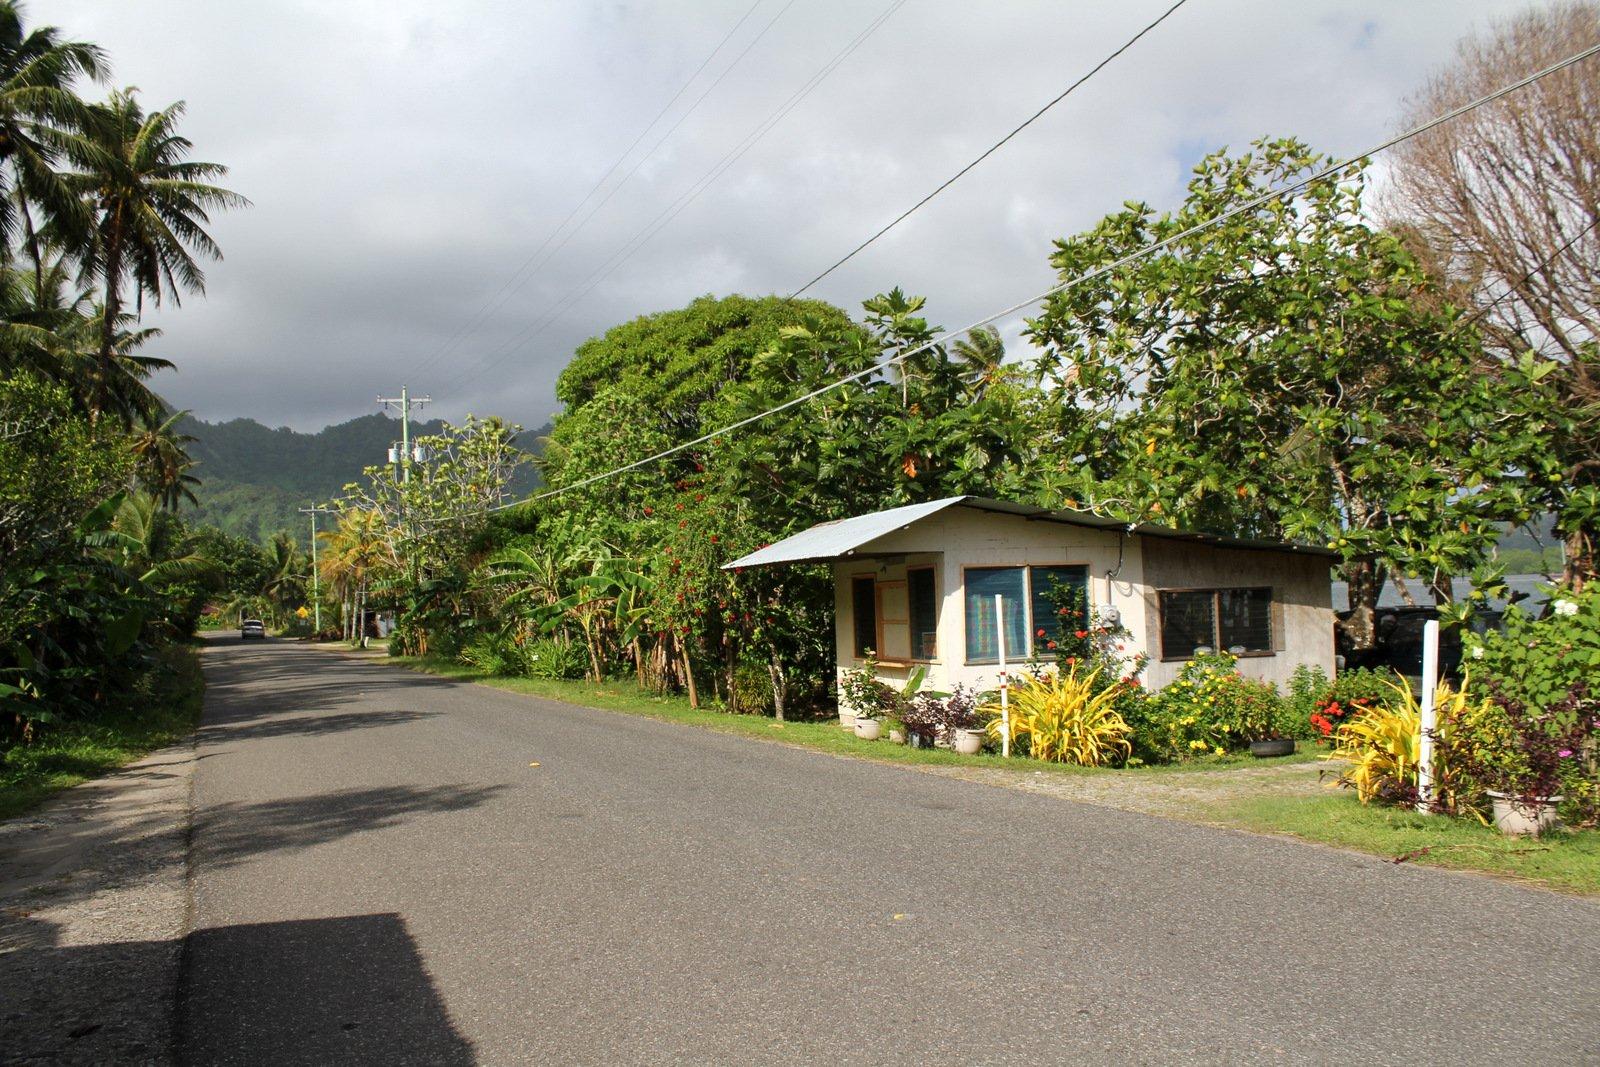 kosrae кусаие тропический остров туризм лотерея отвратительные мужики disgusting men